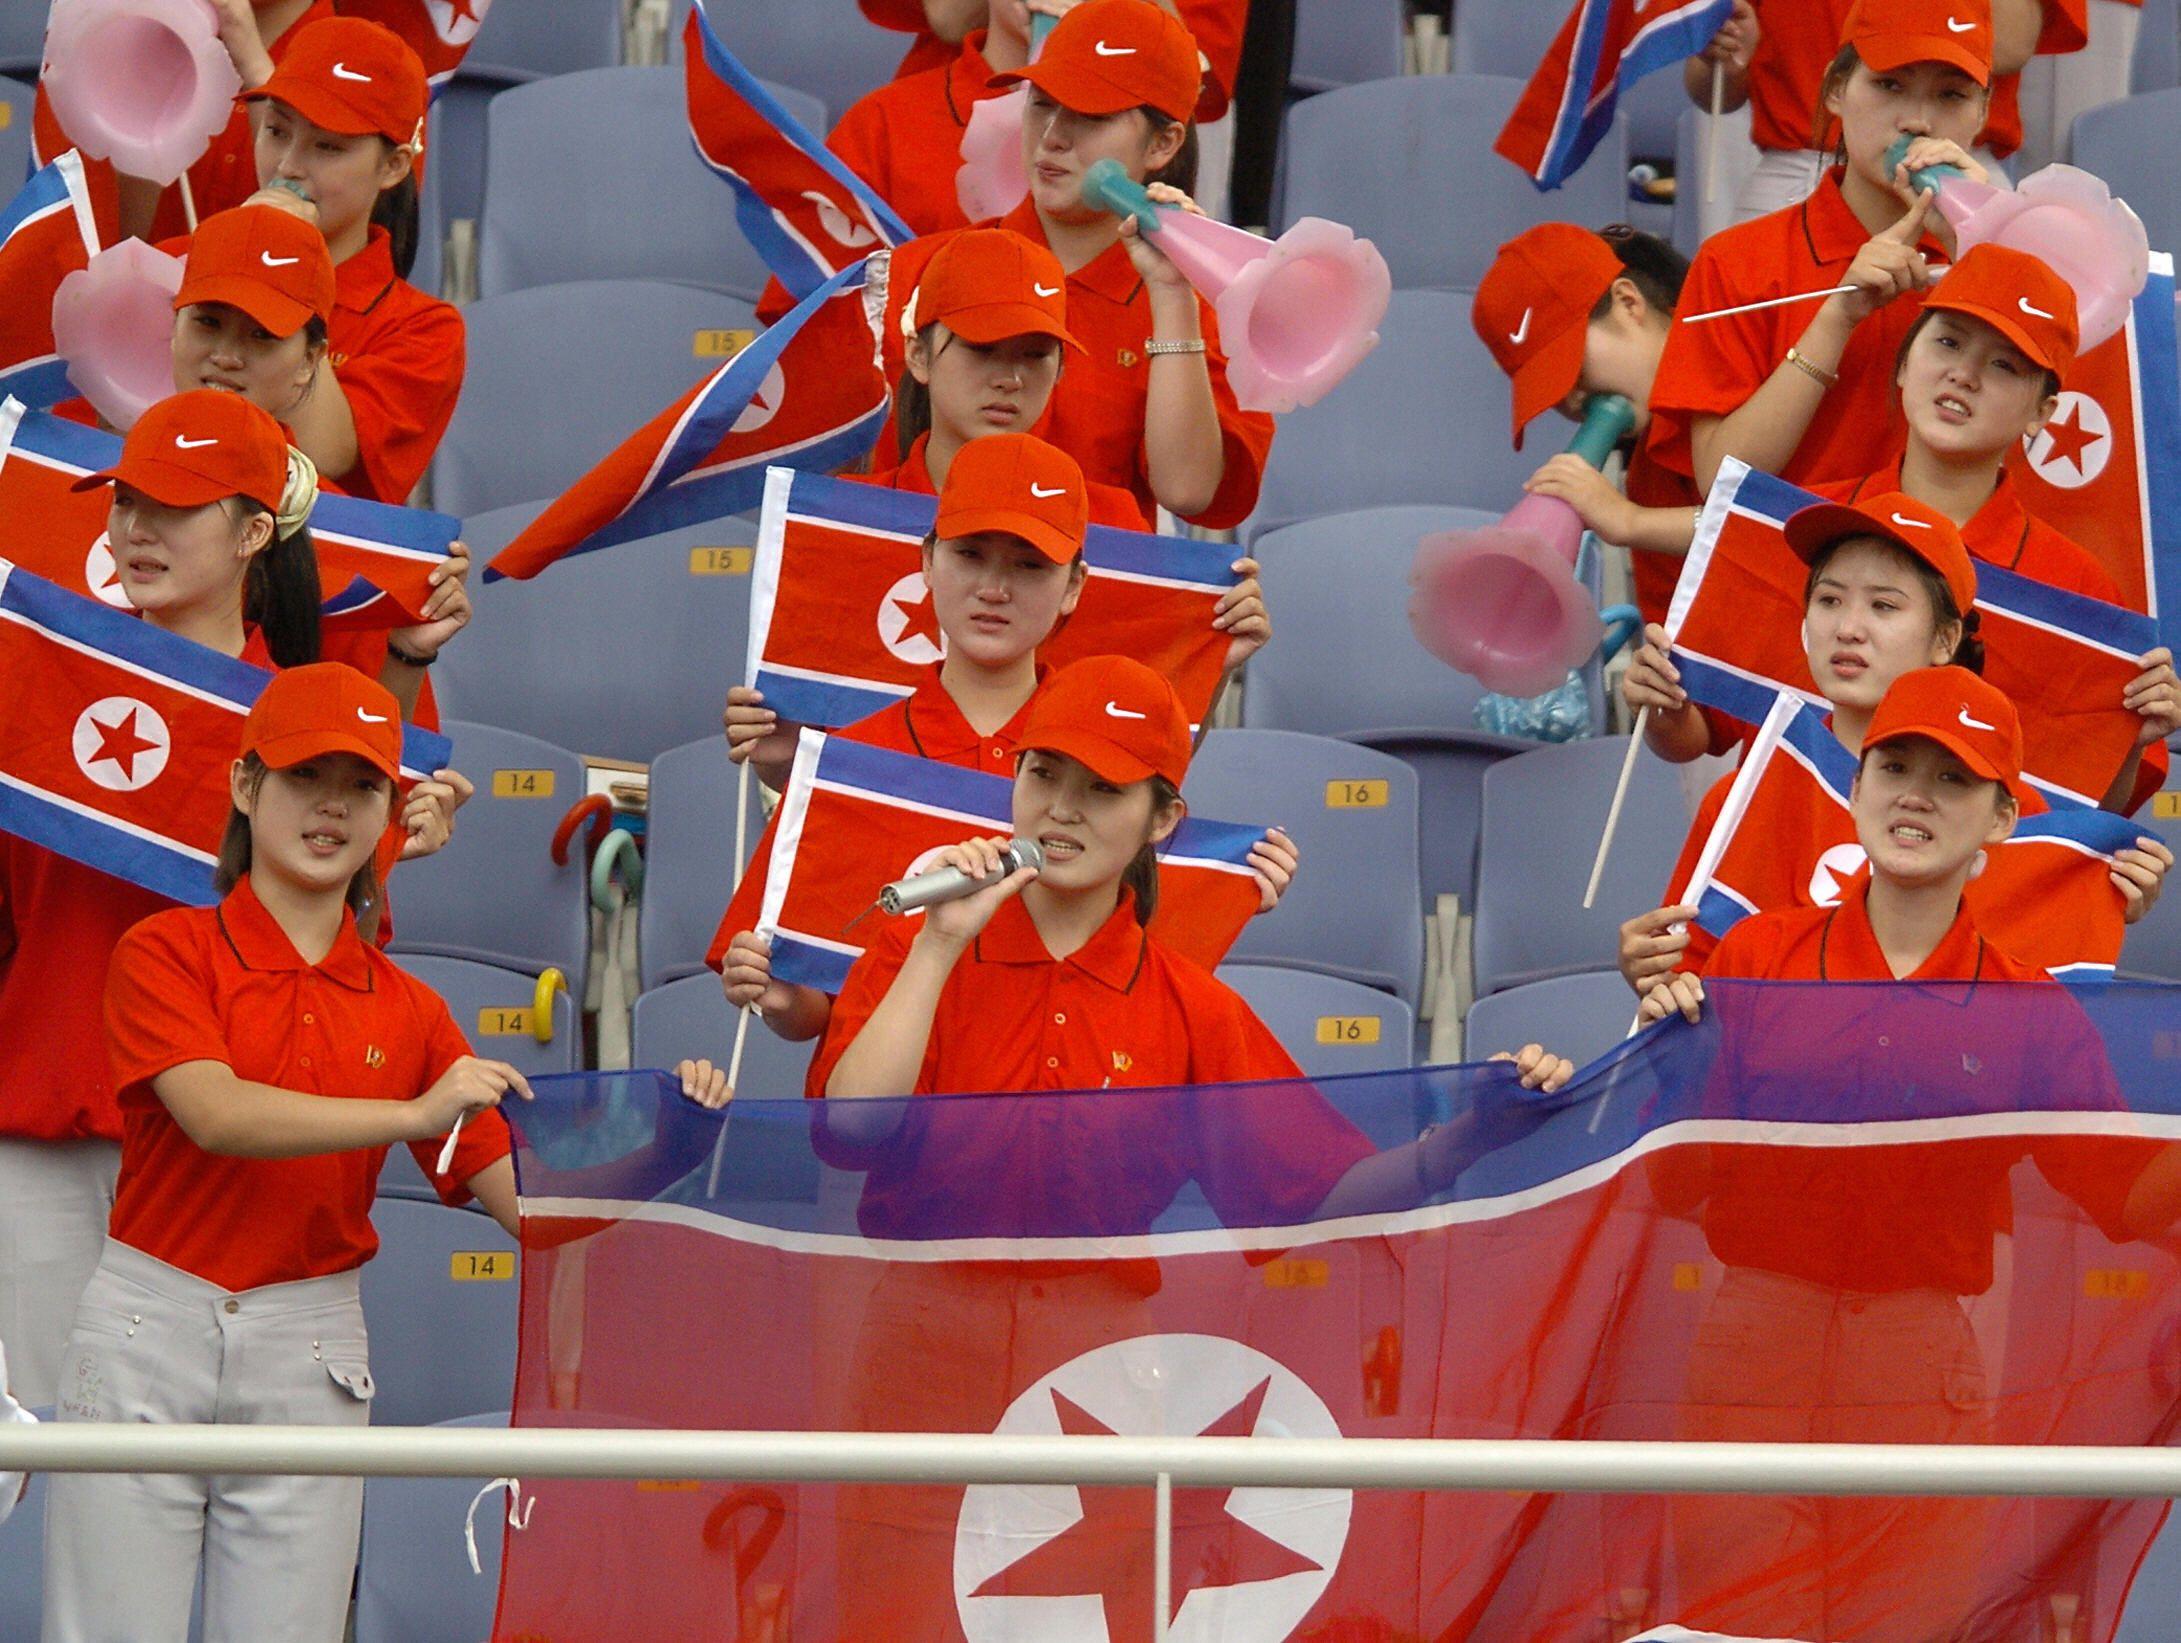 01_09_cheerleaders